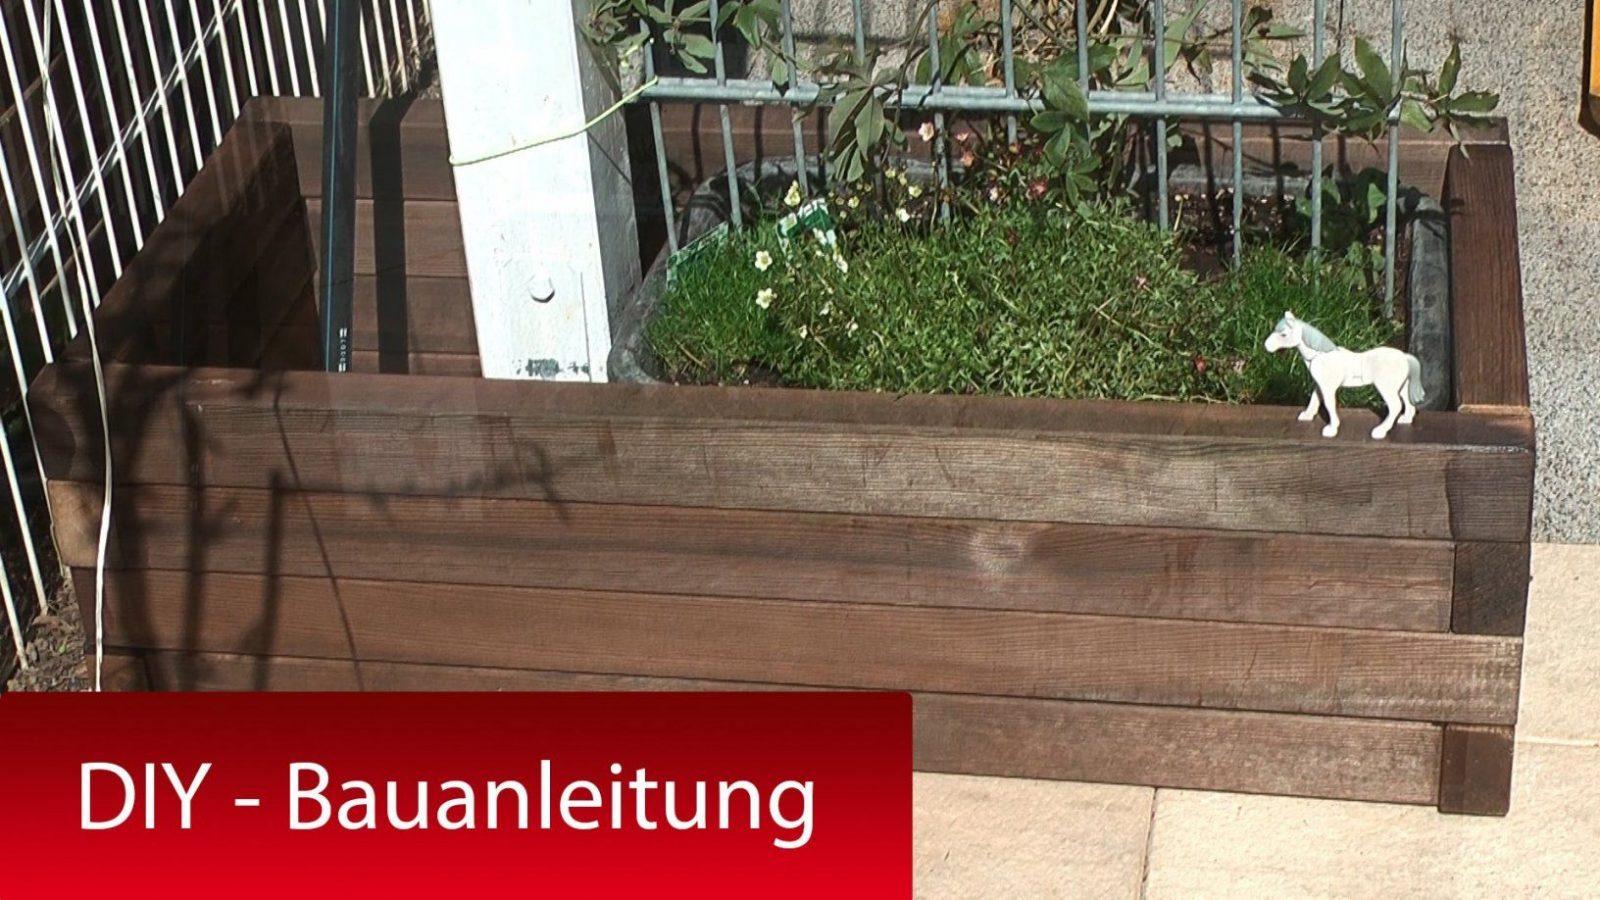 Pflanzkasten Pflanzkübel Mit Rankhilfe Selber Bauen  Diy Tutorial von Blumenkasten Selber Bauen Bauanleitung Bild